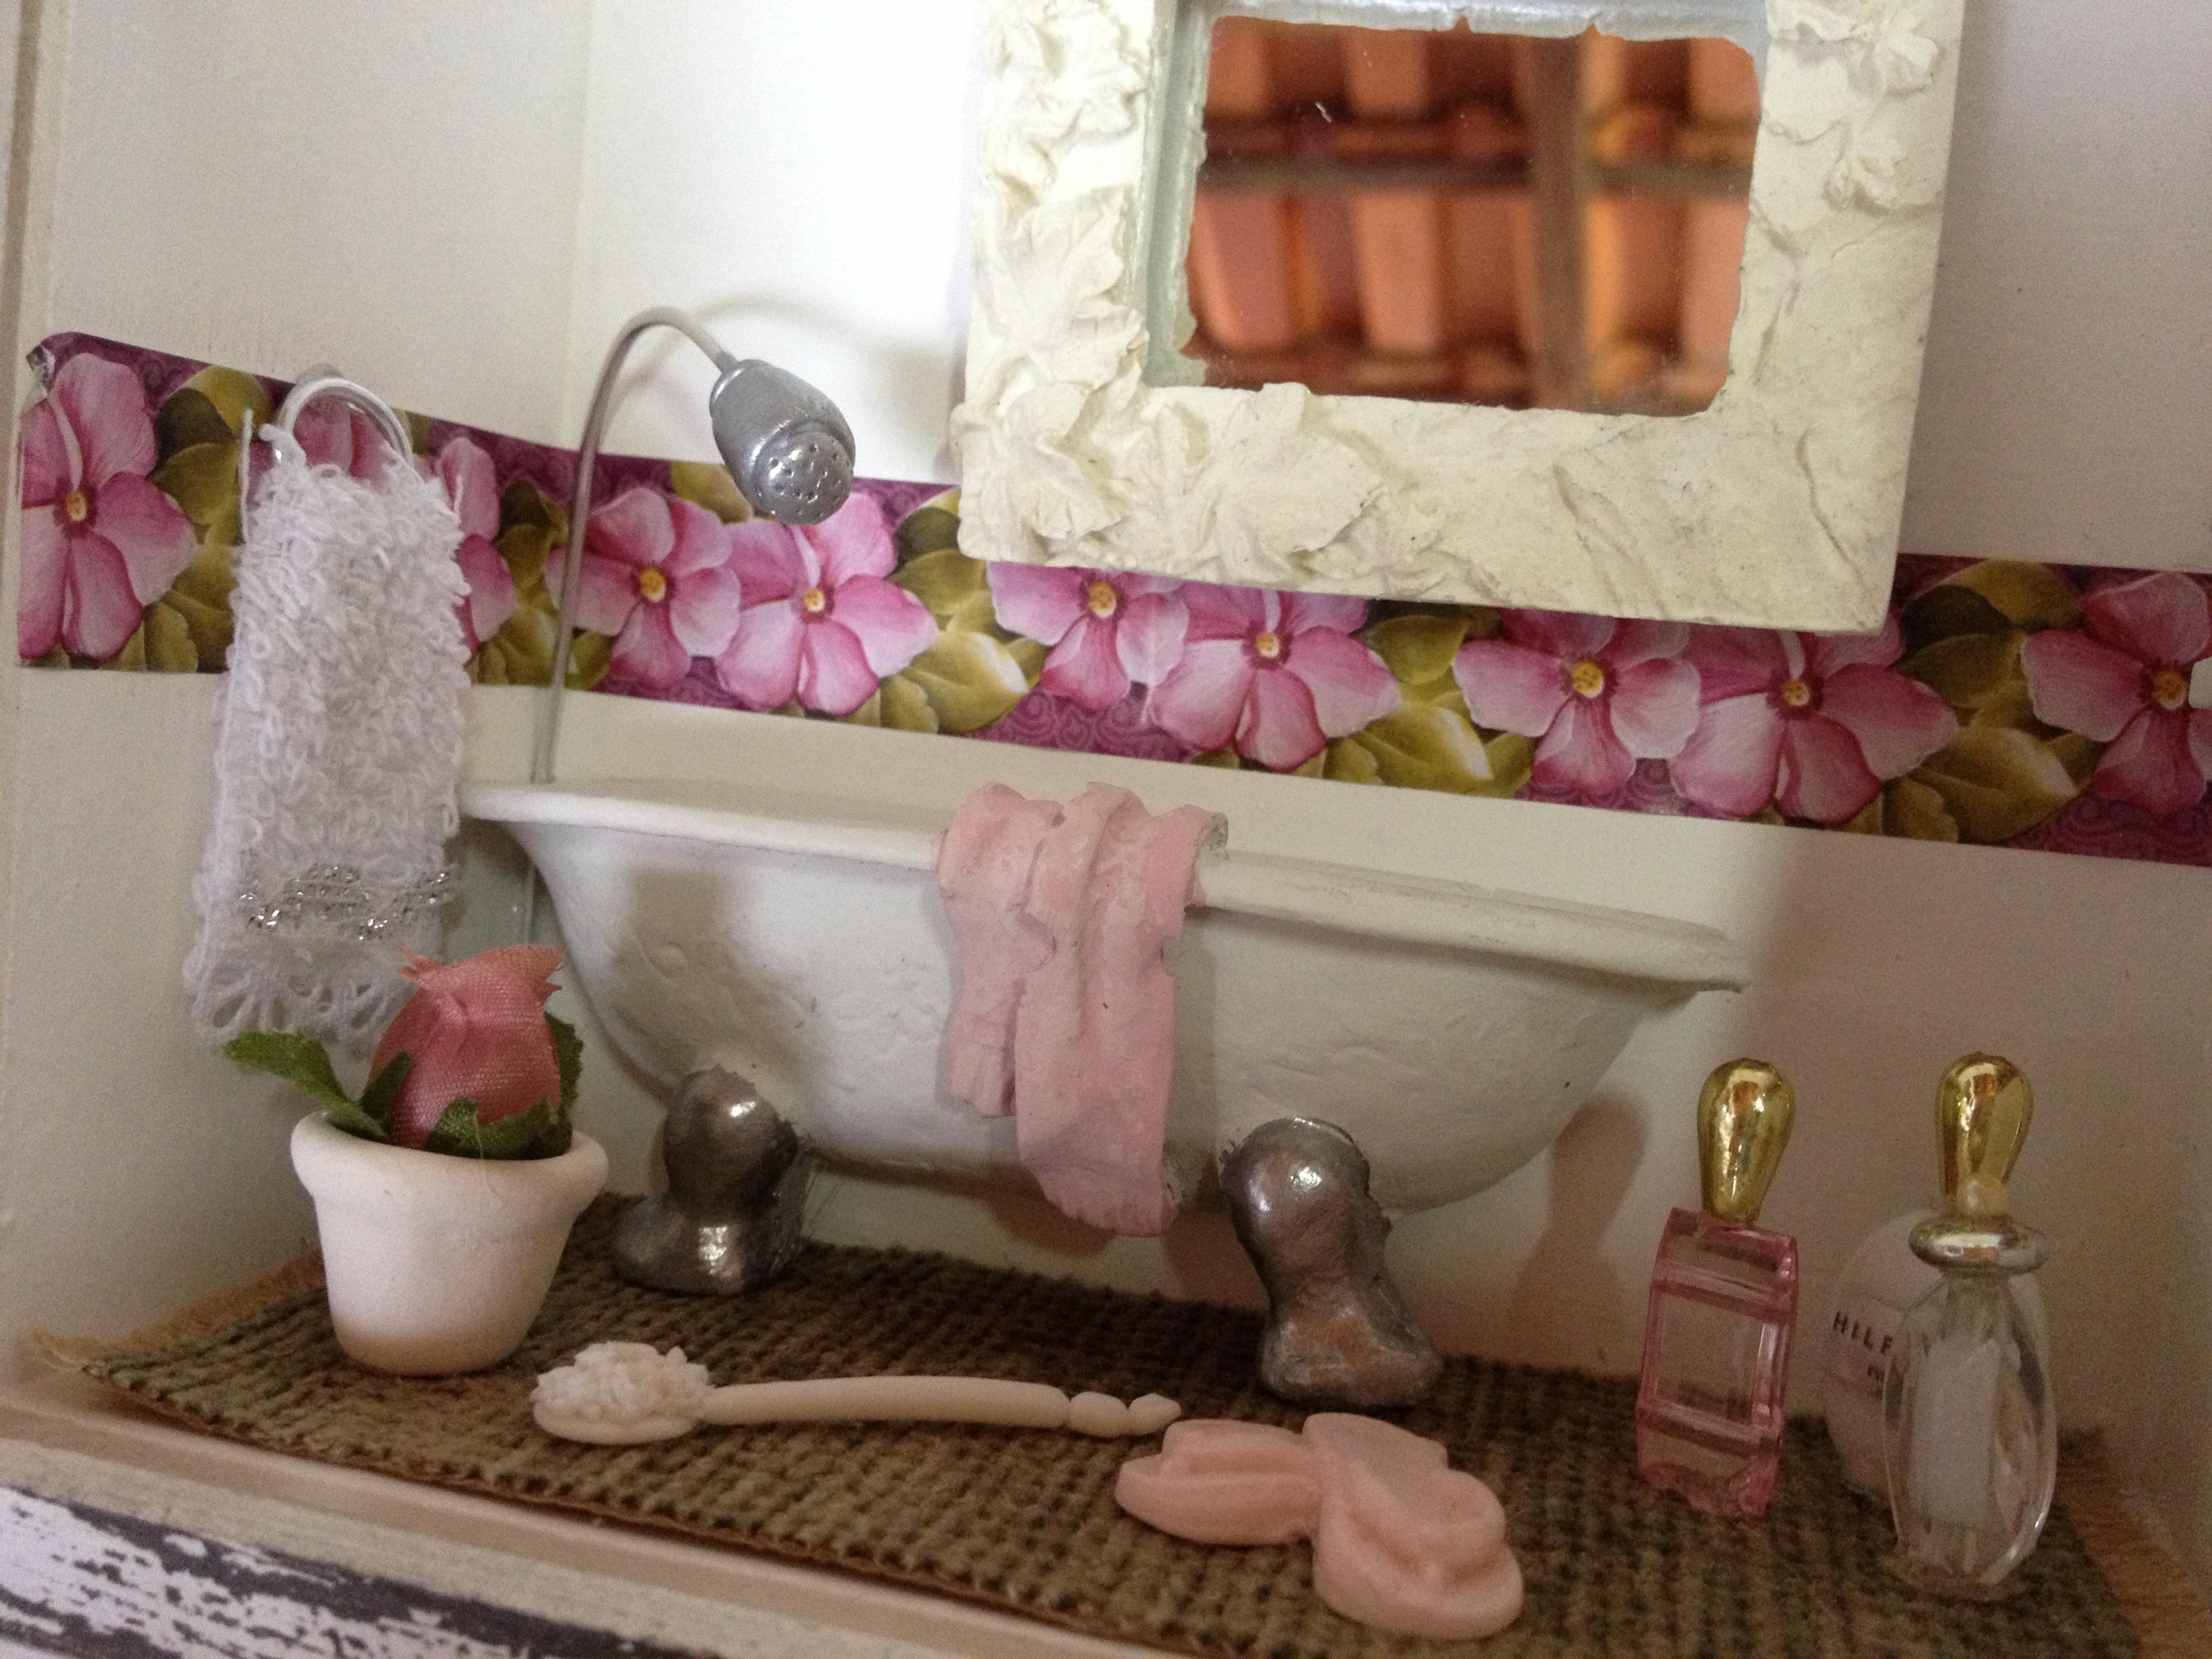 quadro banheiro pequeno resina quadro banheiro pequeno resina #3B2516 3264x2448 Banheira Para Banheiro Pequeno